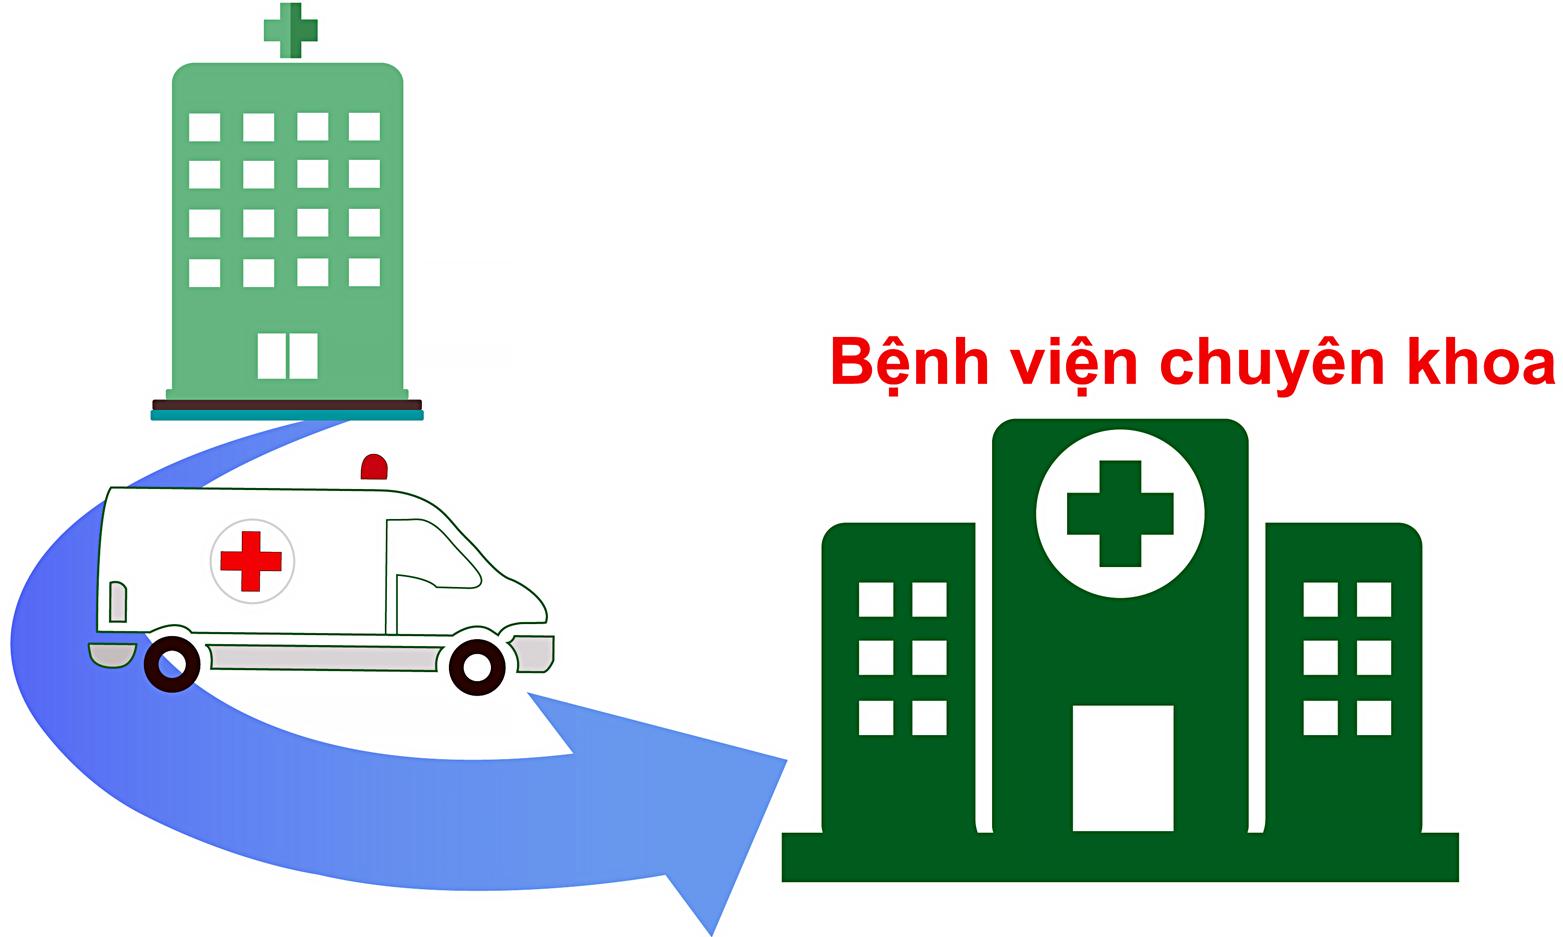 Khám trái tuyến được hưởng bảo hiểm y tế